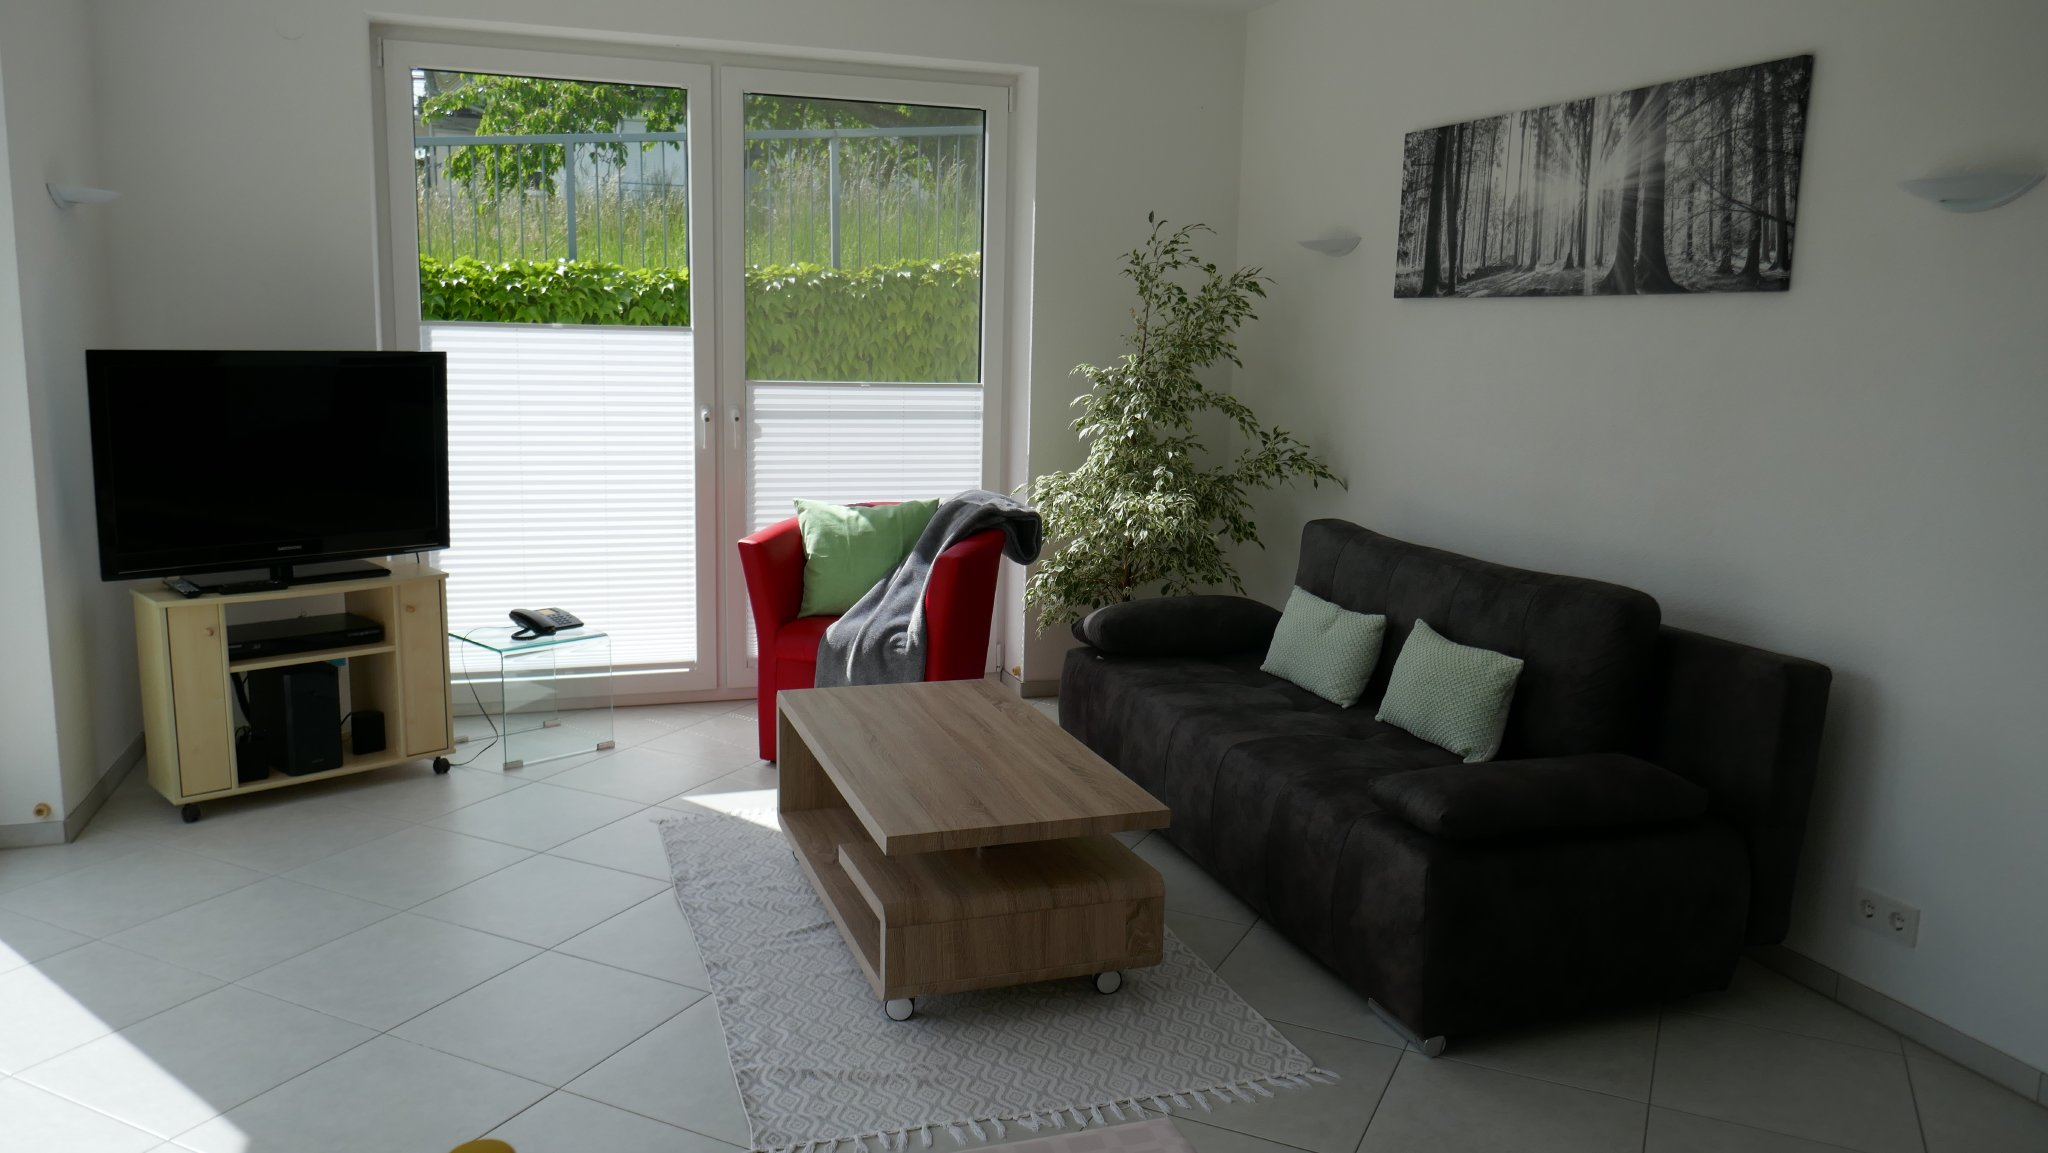 Wohnzimmer mit Südterrasse